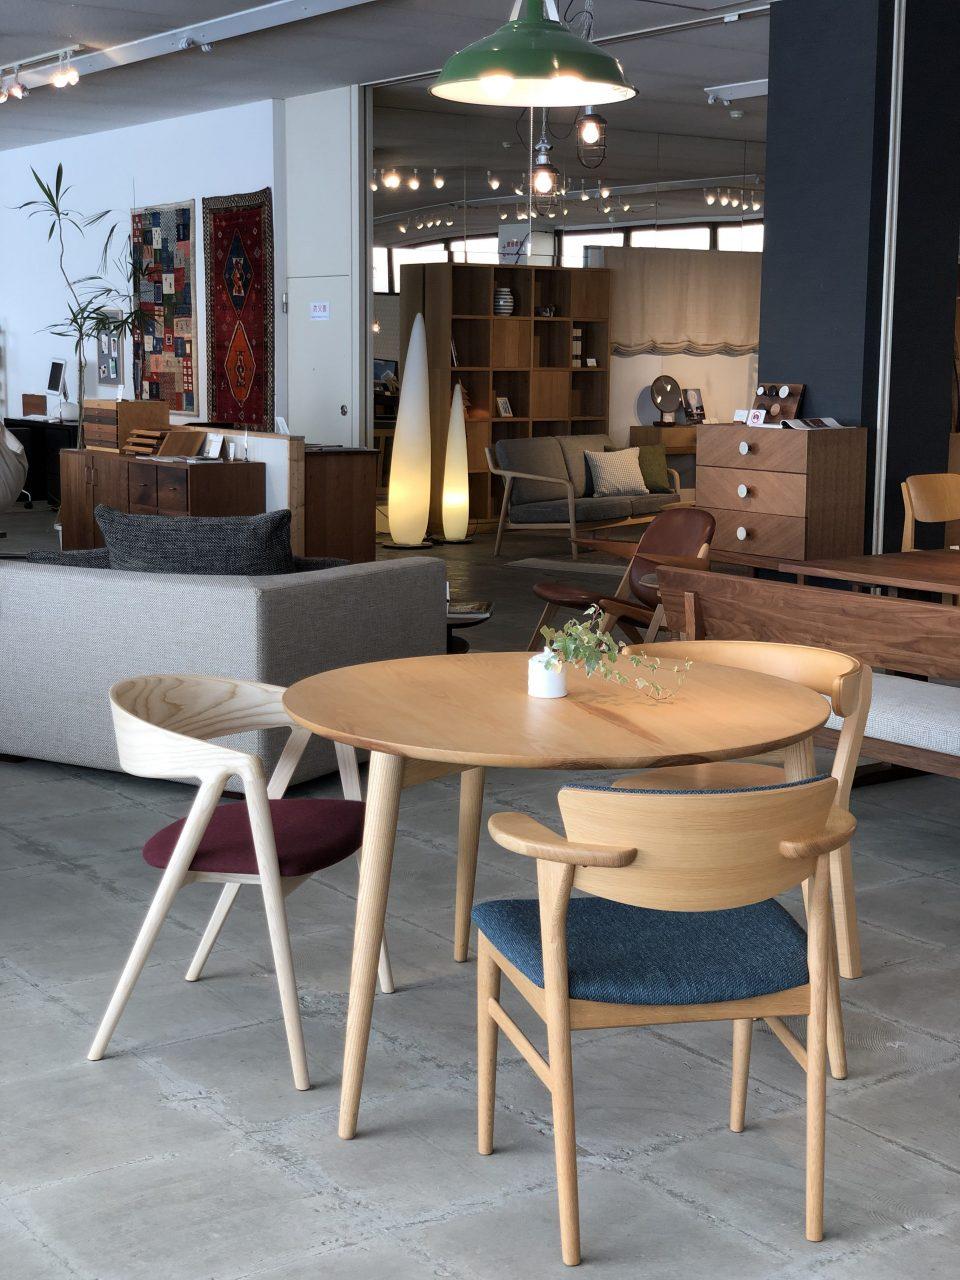 丸い円形のテーブルにもぴったりのハープチェアは、ウォールナット材とアッシュ材で作れるダイニングチェアです